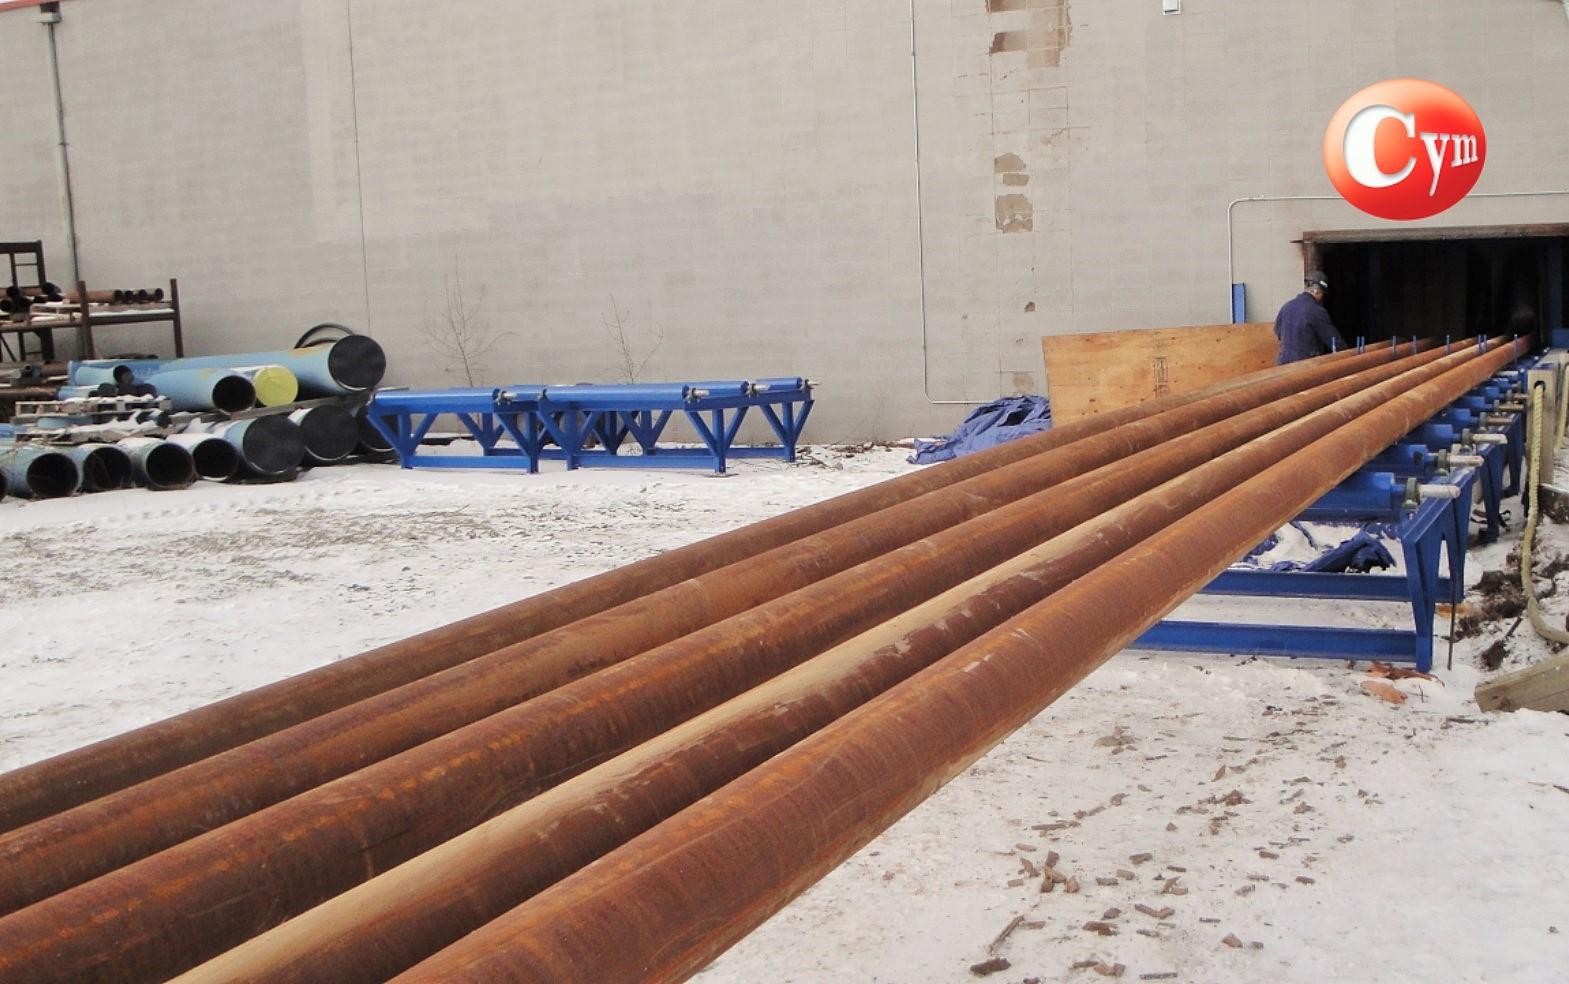 granalladora-tubos-estructuras-soldadas-perfiles-tubos-est15x10-cym